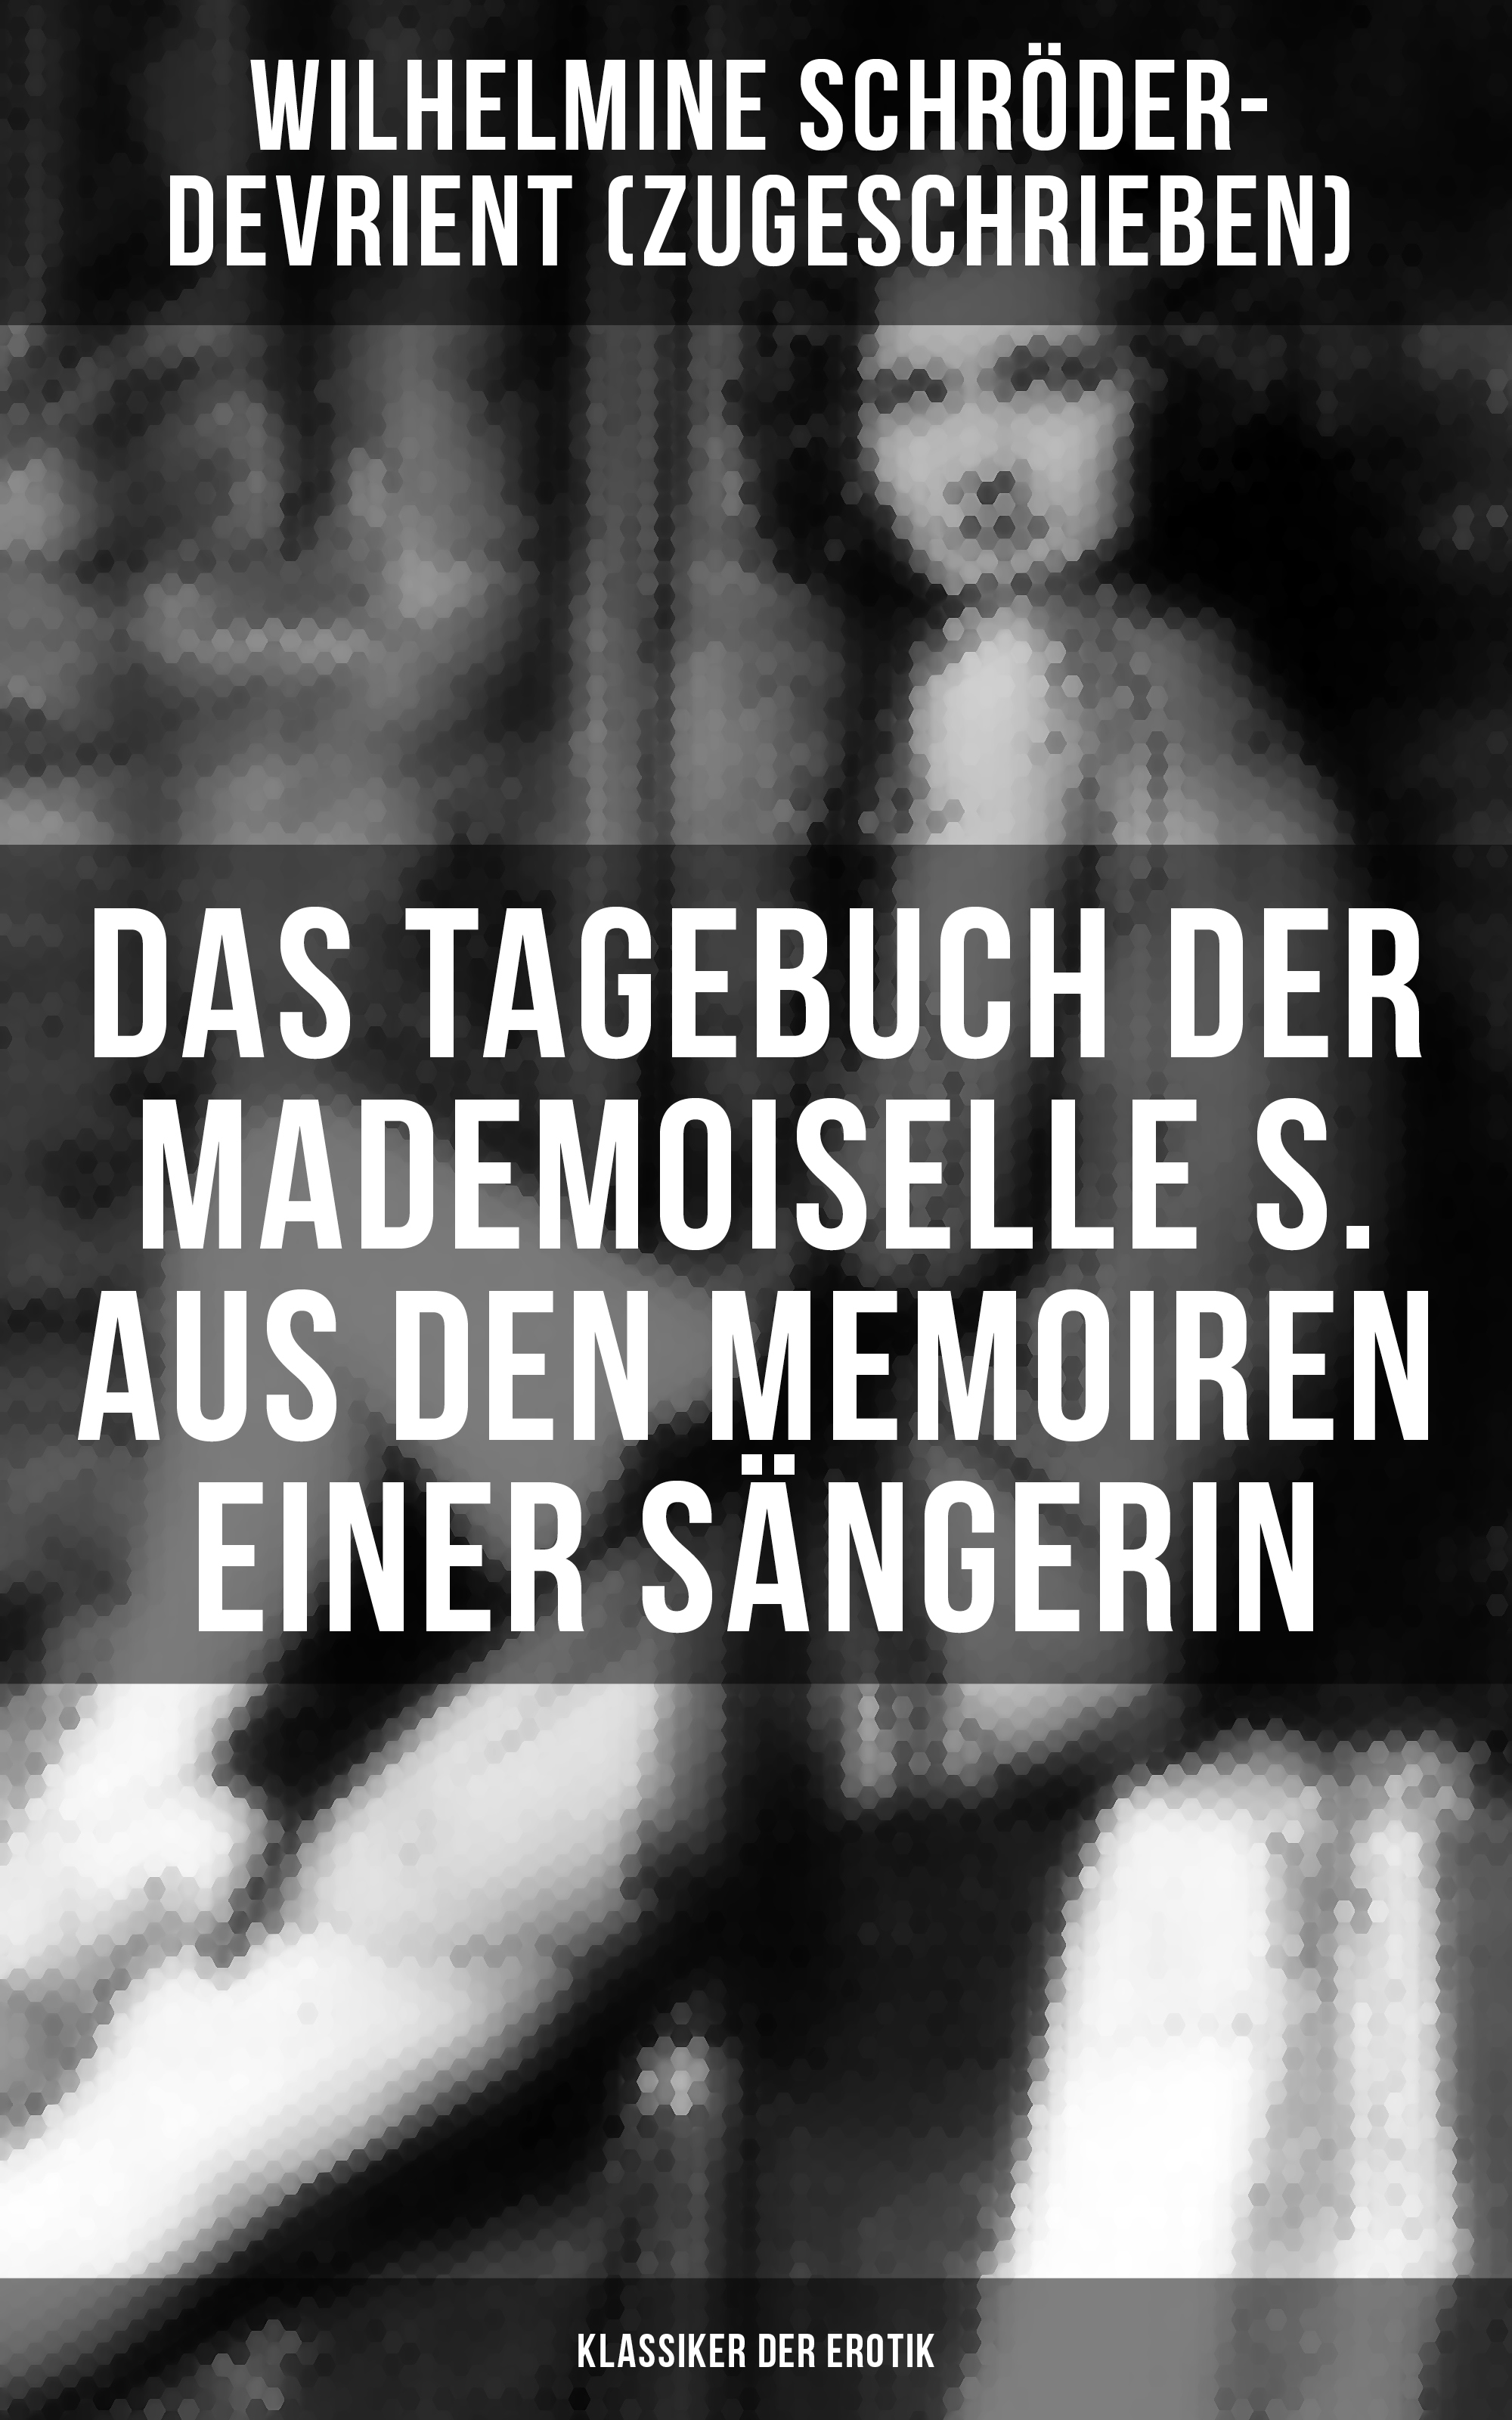 Wilhelmine Schroder-Devrient Das Tagebuch der Mademoiselle S. Aus den Memoiren einer Sängerin (Klassiker der Erotik)